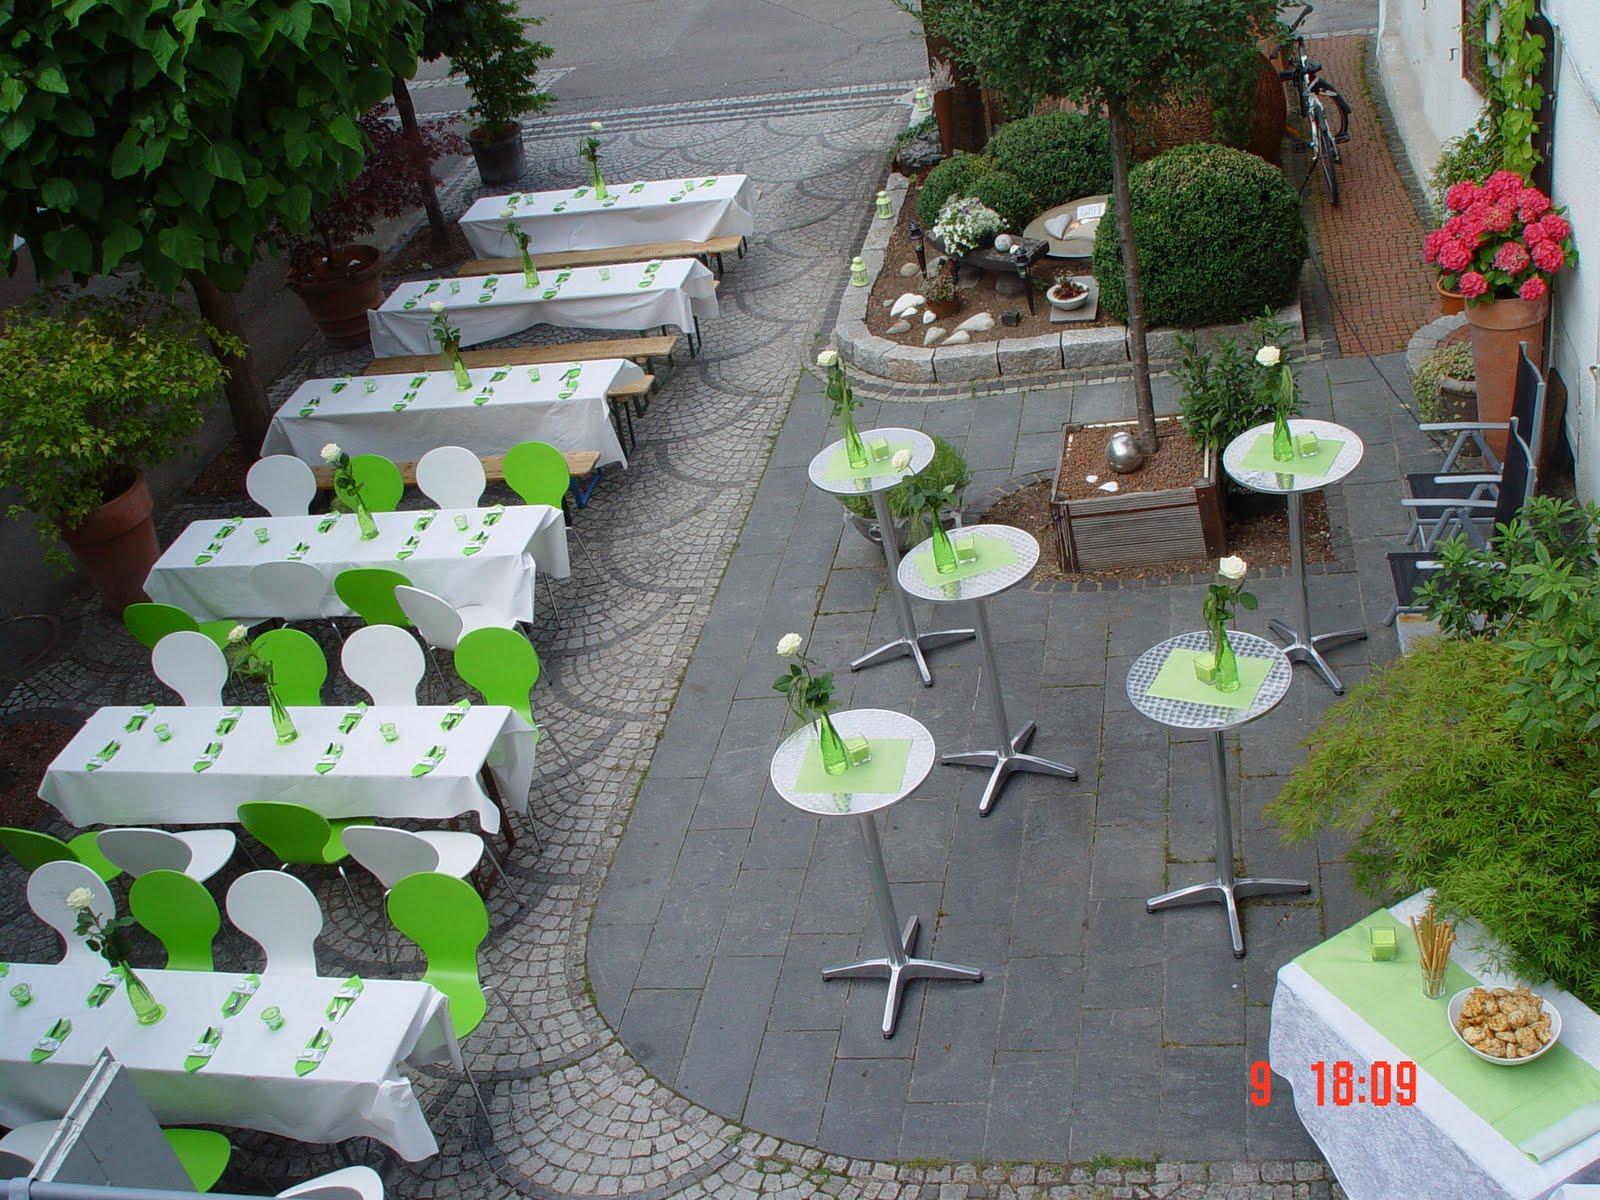 18 Geburtstag Party Deko Trendenser Sommarfest77 Food Dekoration